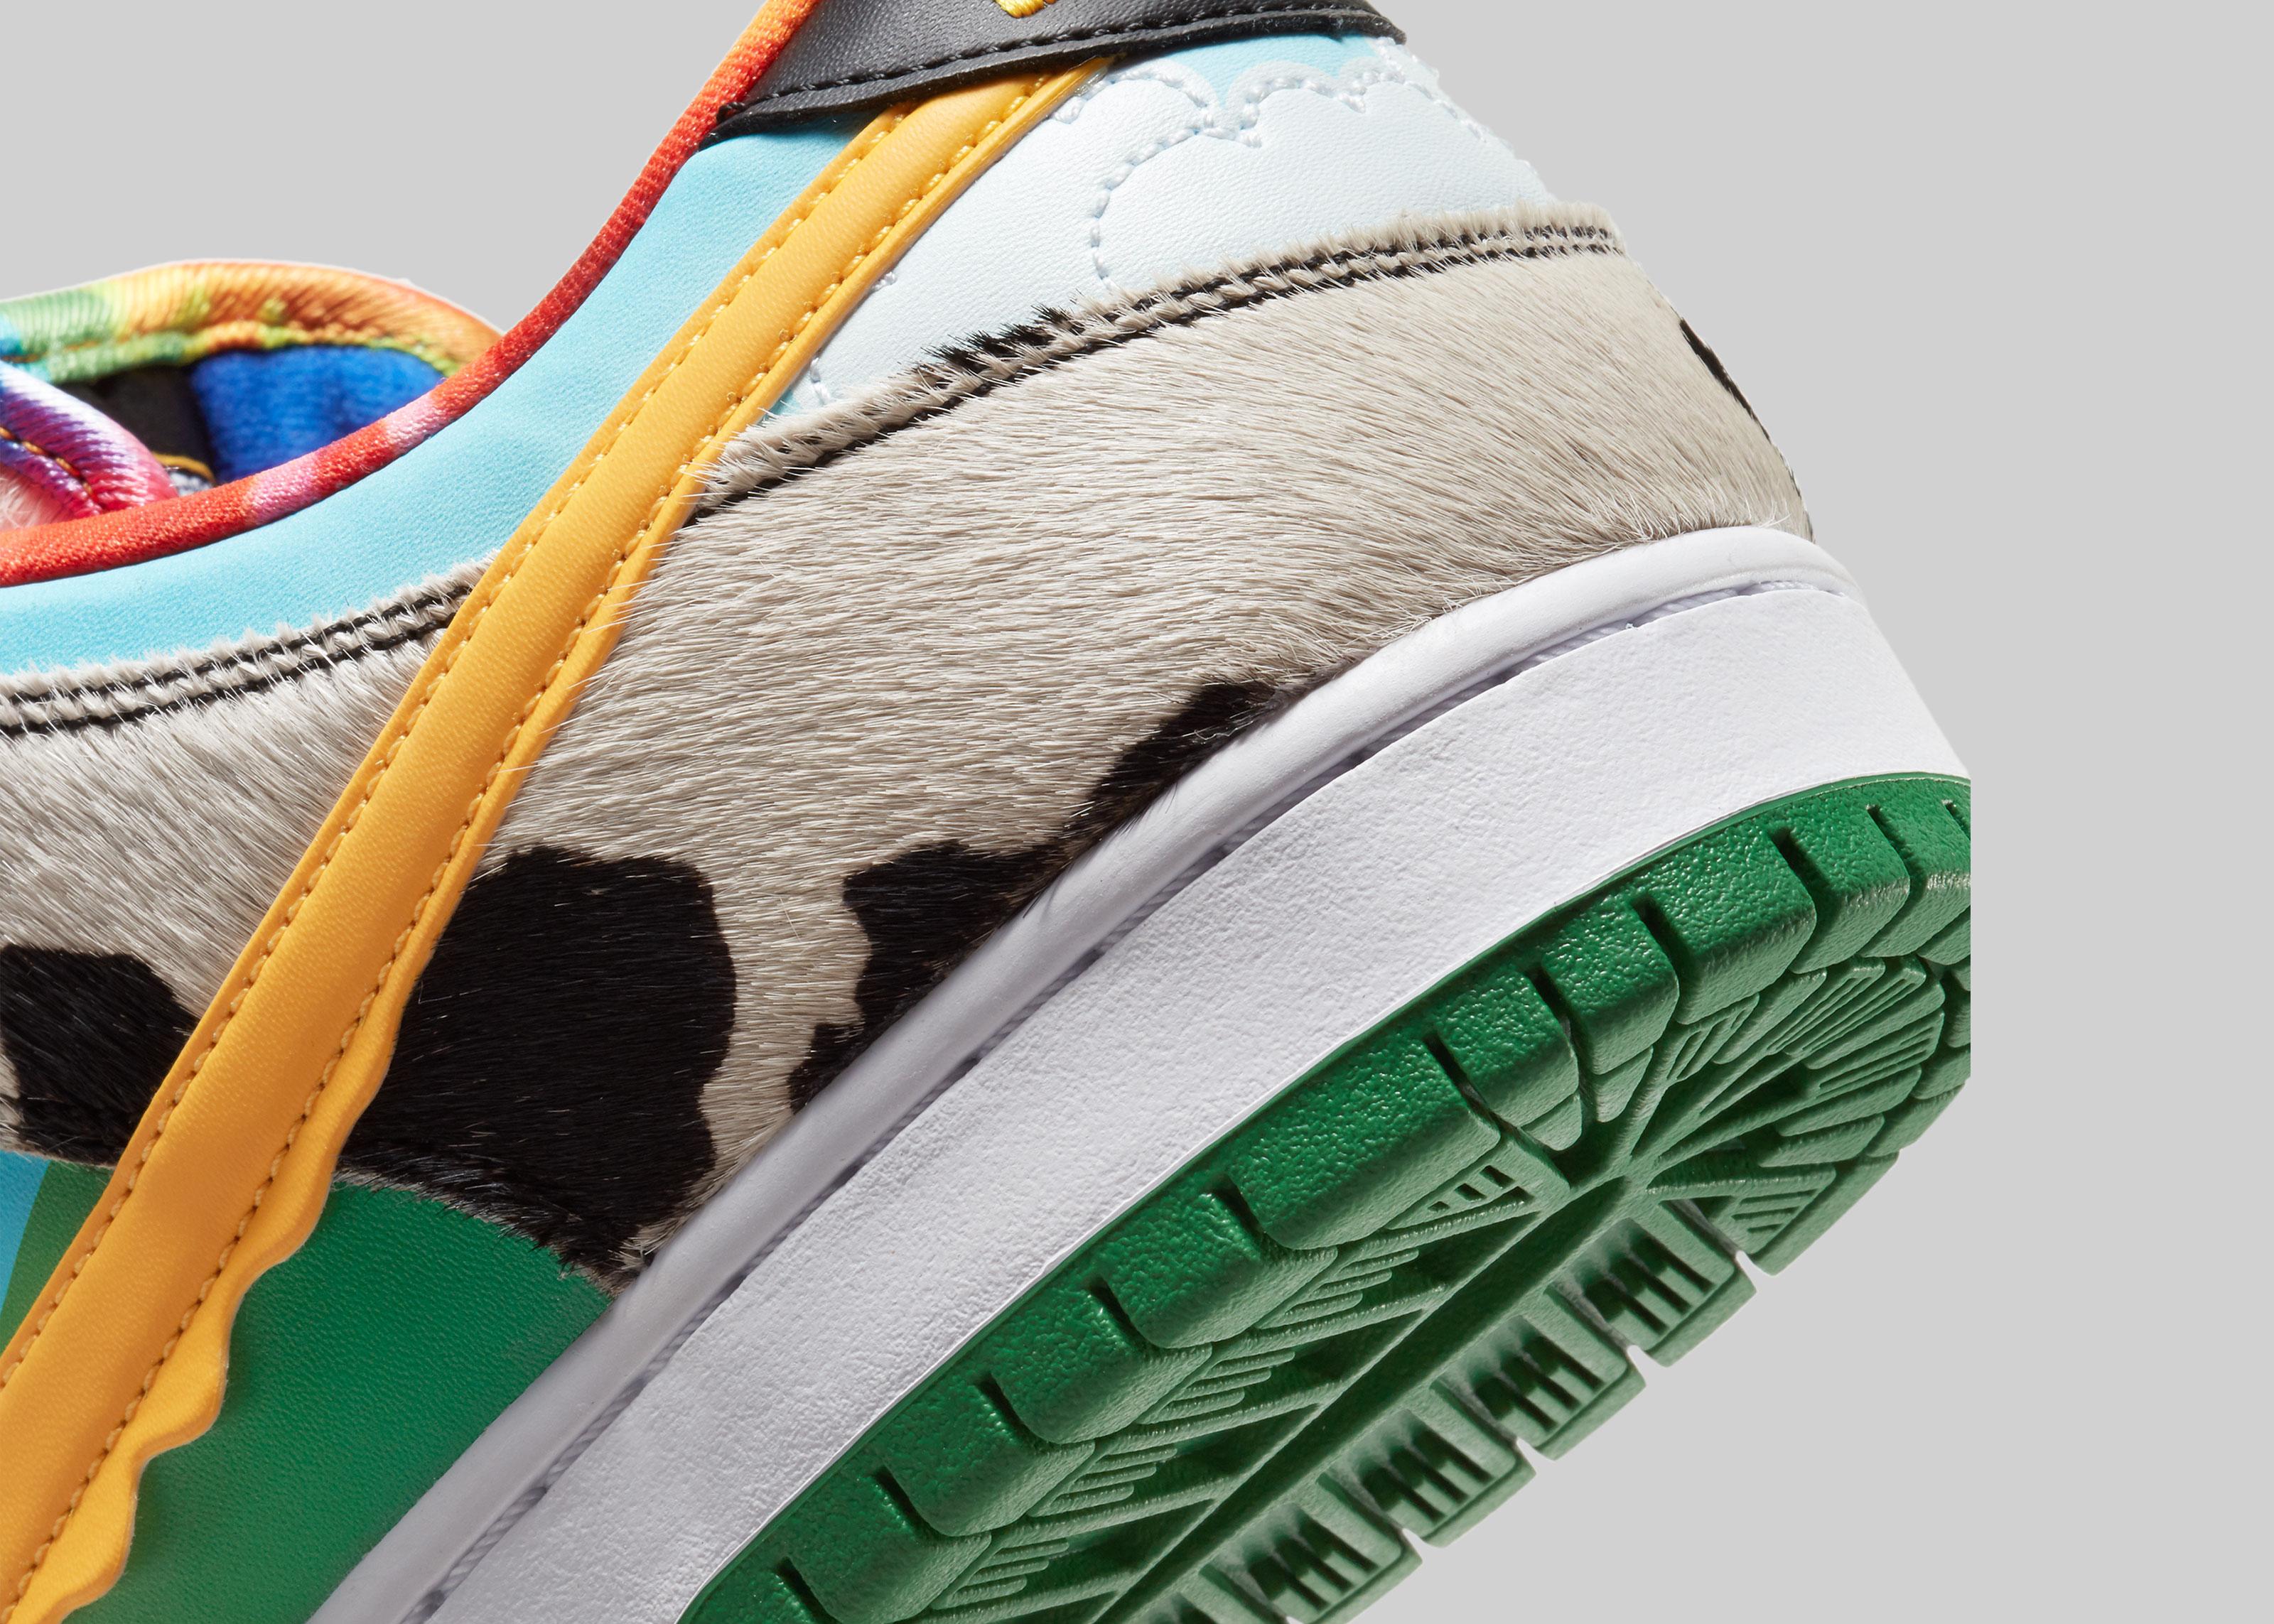 NikeNews_FeaturedFootwear_NikeSB_DunkLowPro_BenJerrys_10_95625